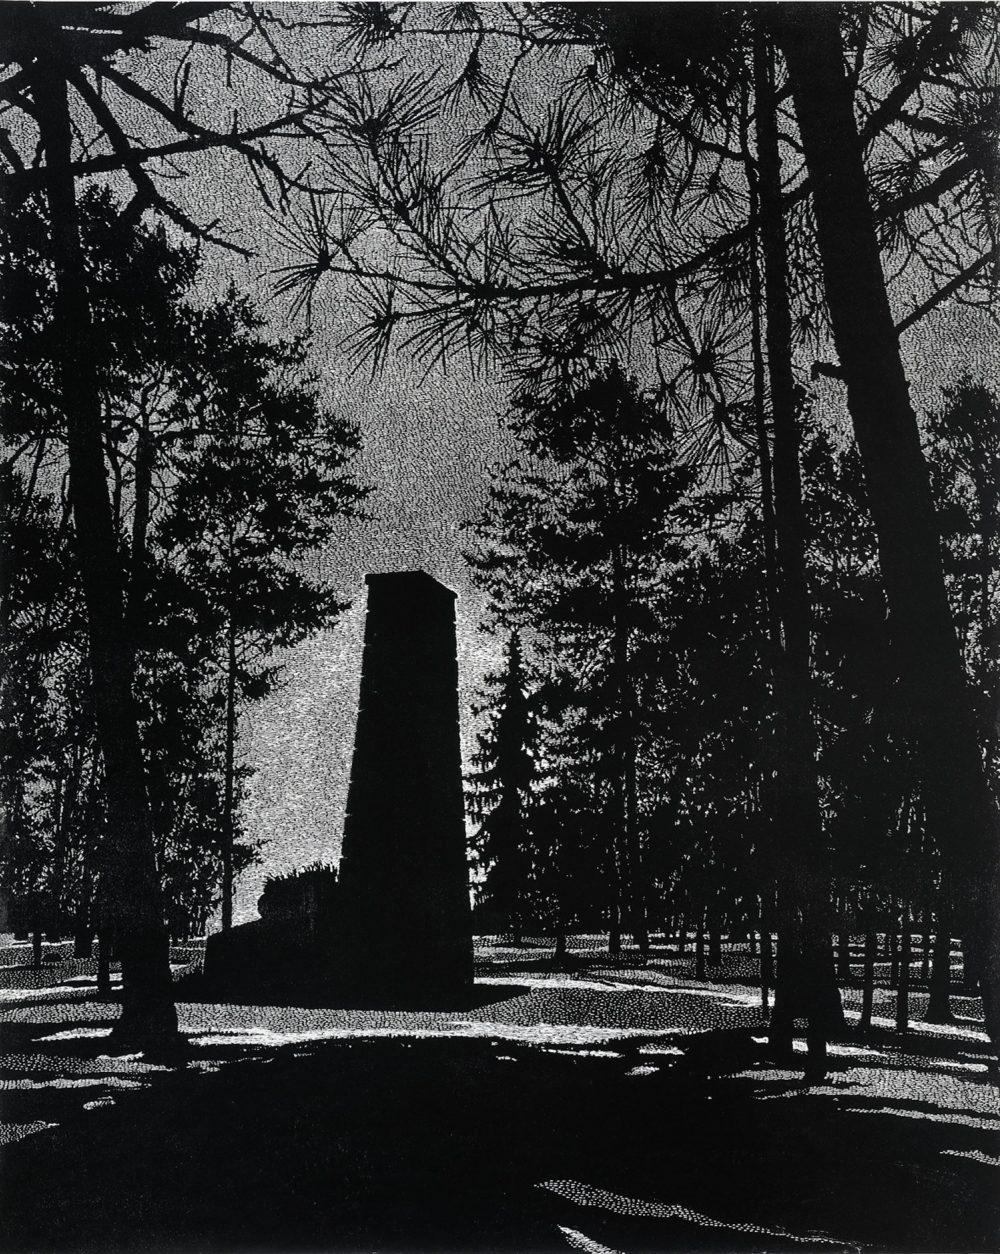 Monument (2012), Linolschnit auf Papier, 110.5 x 90 cm, Ed. 6